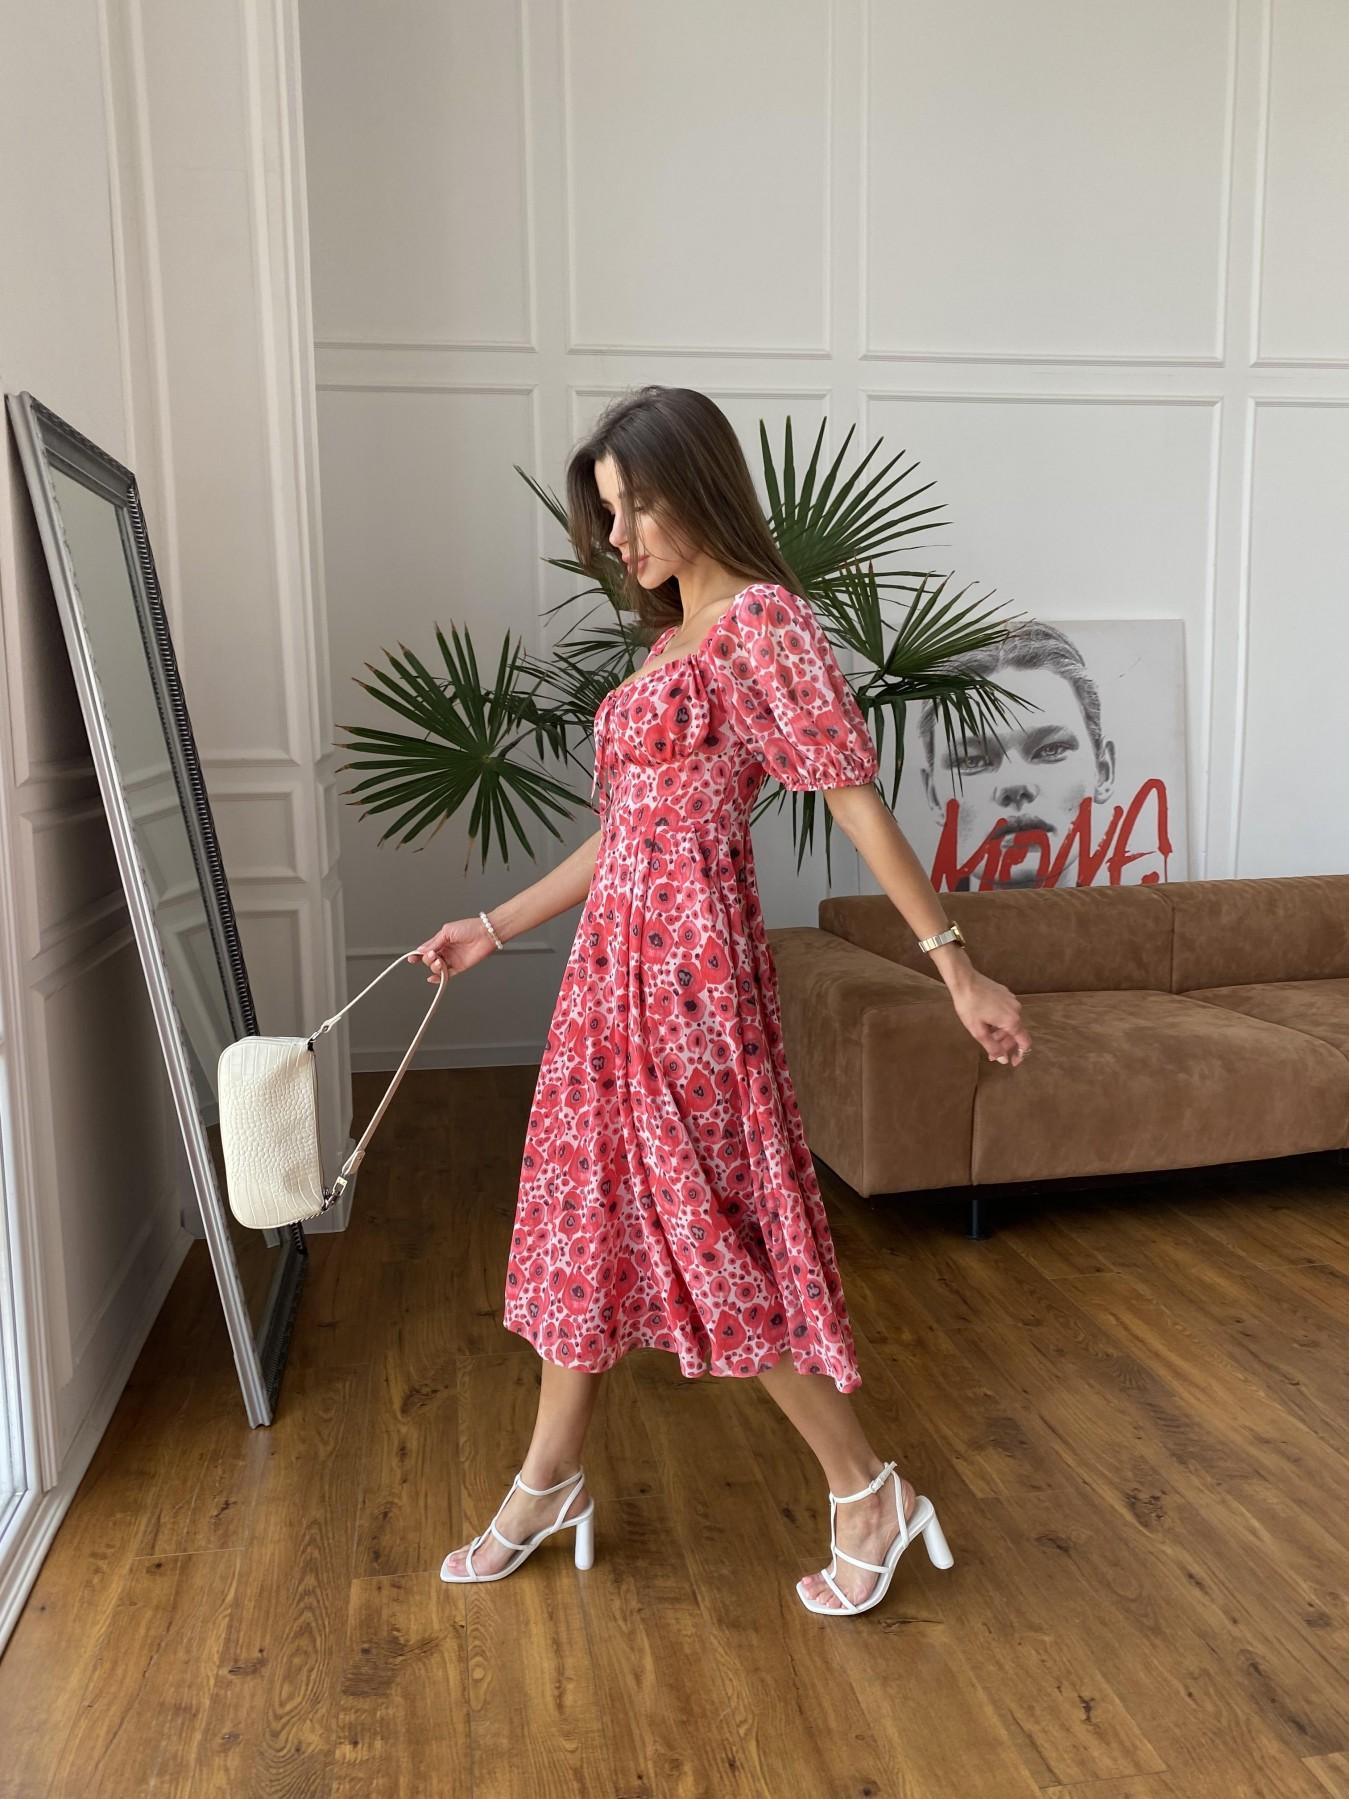 Кисес Миди платье из креп шифона в принт 11575 АРТ. 48268 Цвет: Маки/ Красный - фото 1, интернет магазин tm-modus.ru